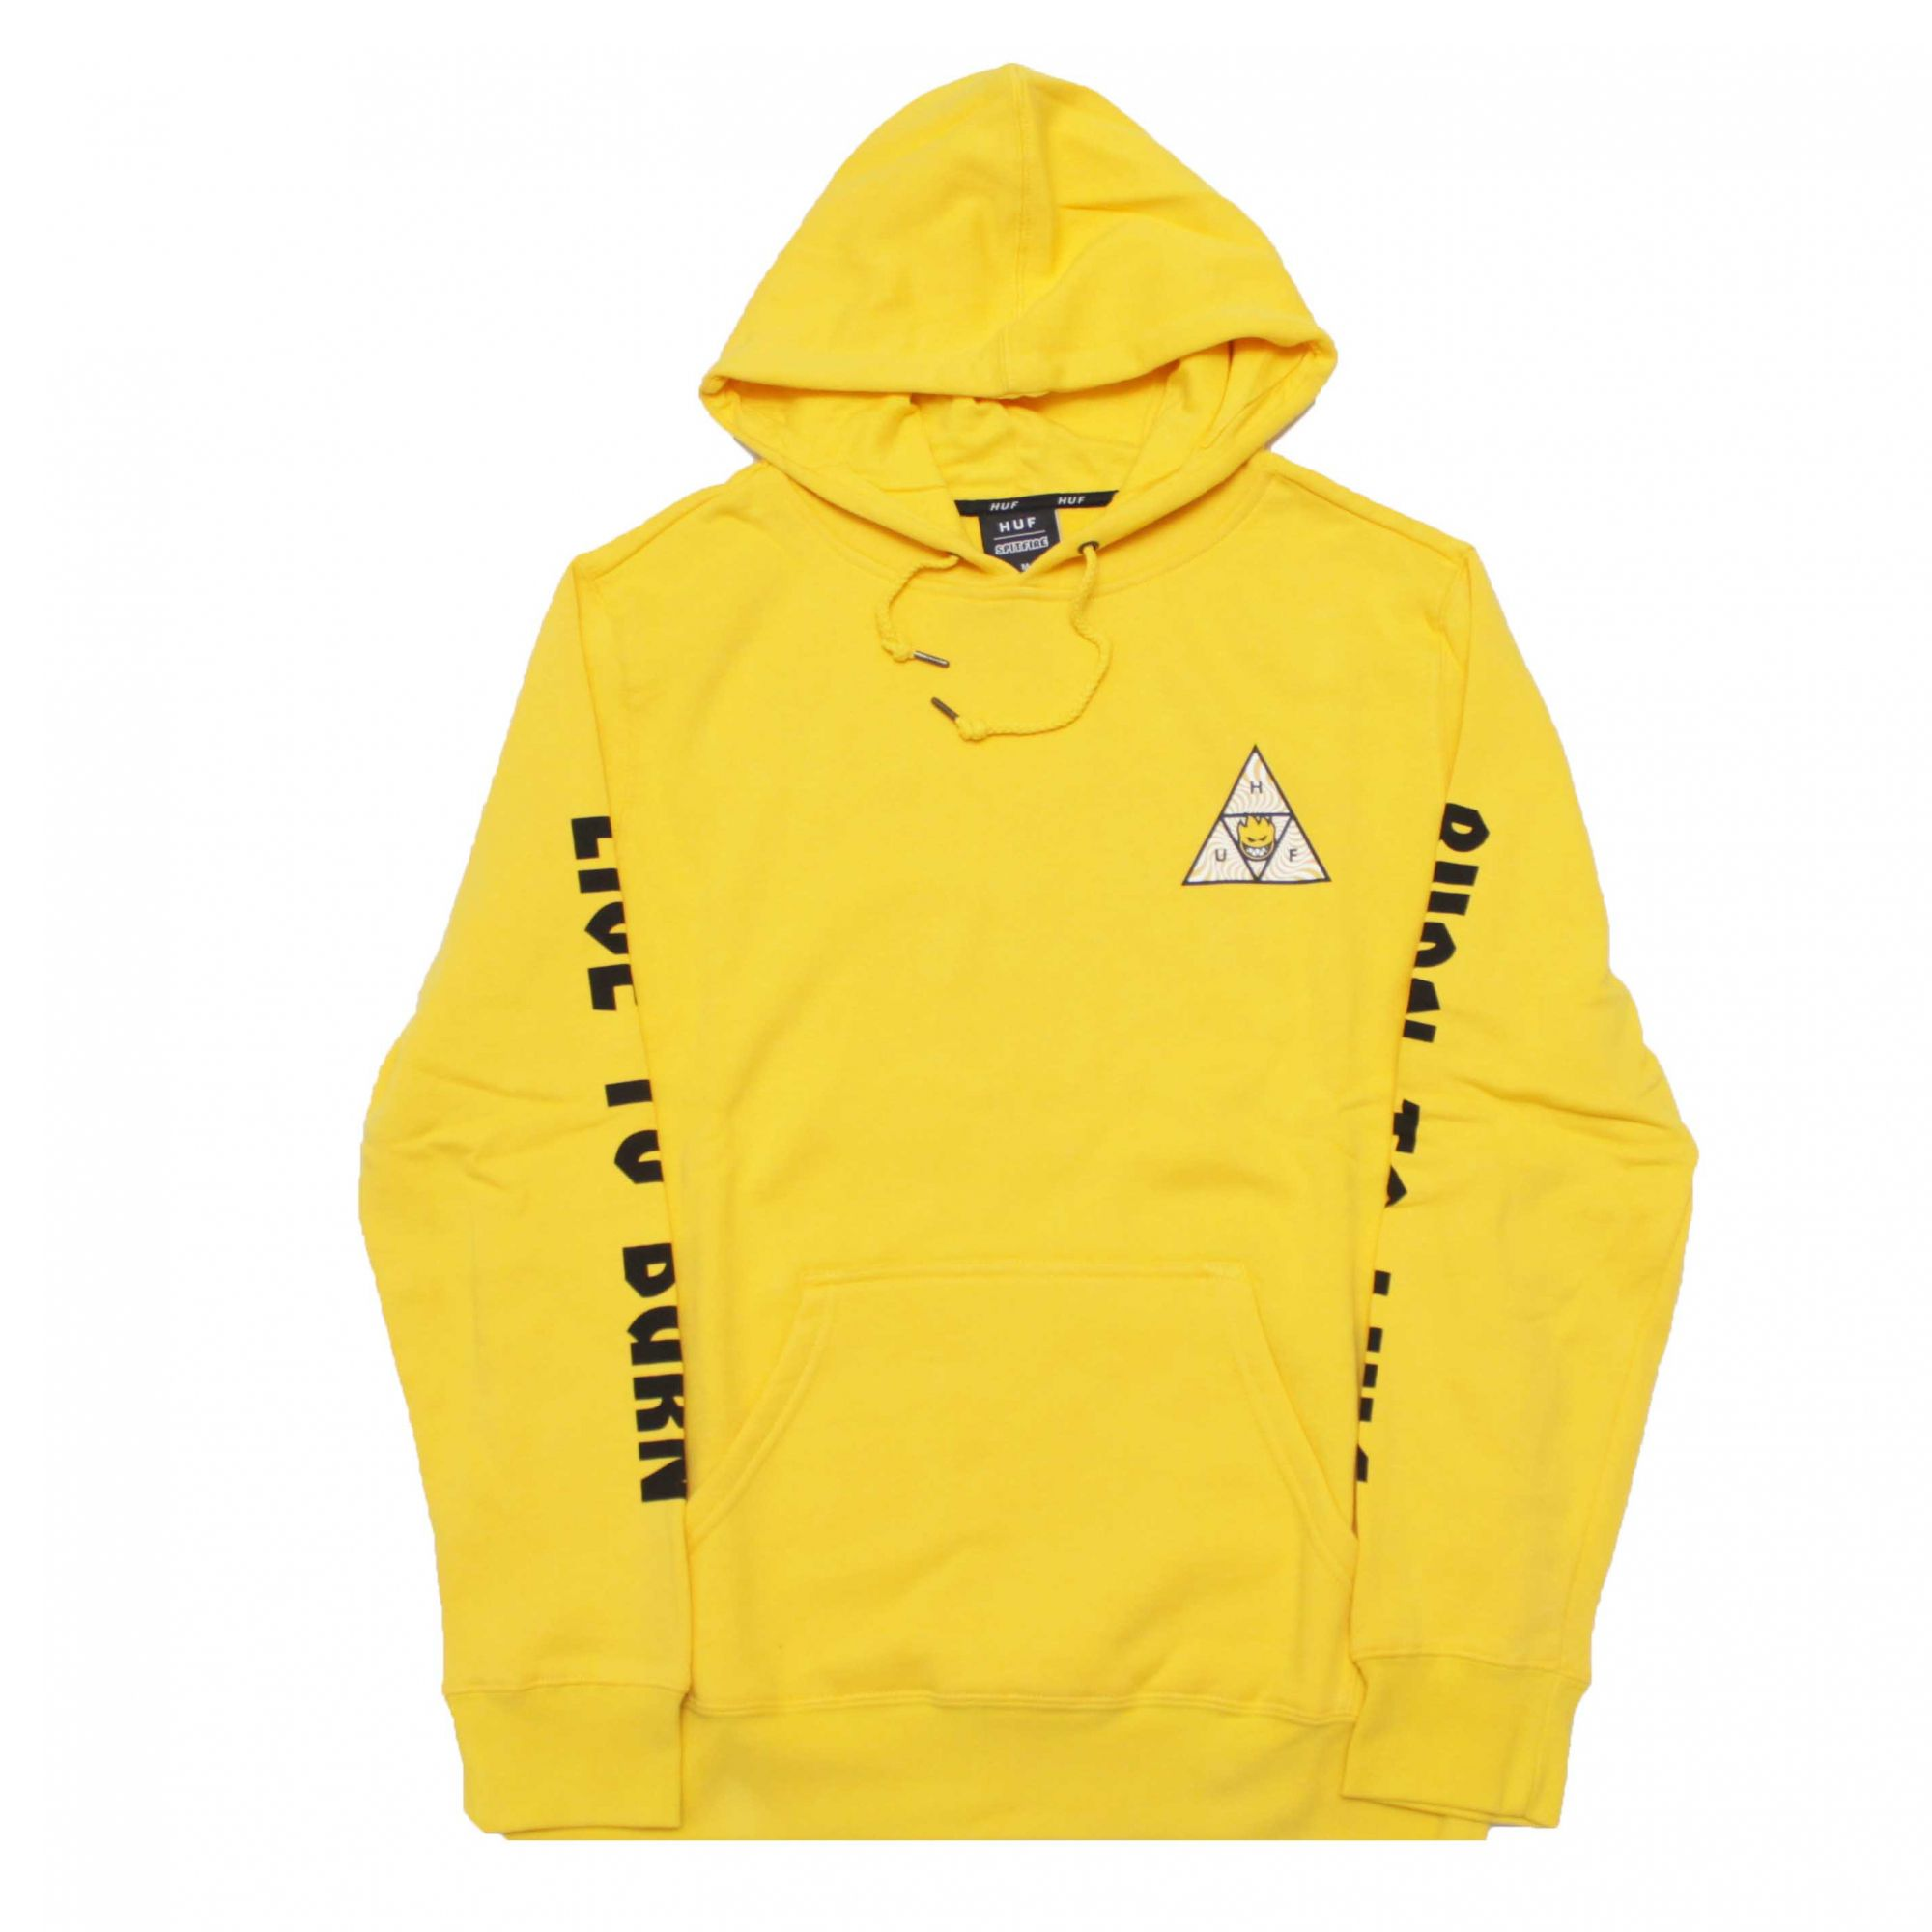 Moletom HUF x Spitfire Triangle - Amarelo (Importado)